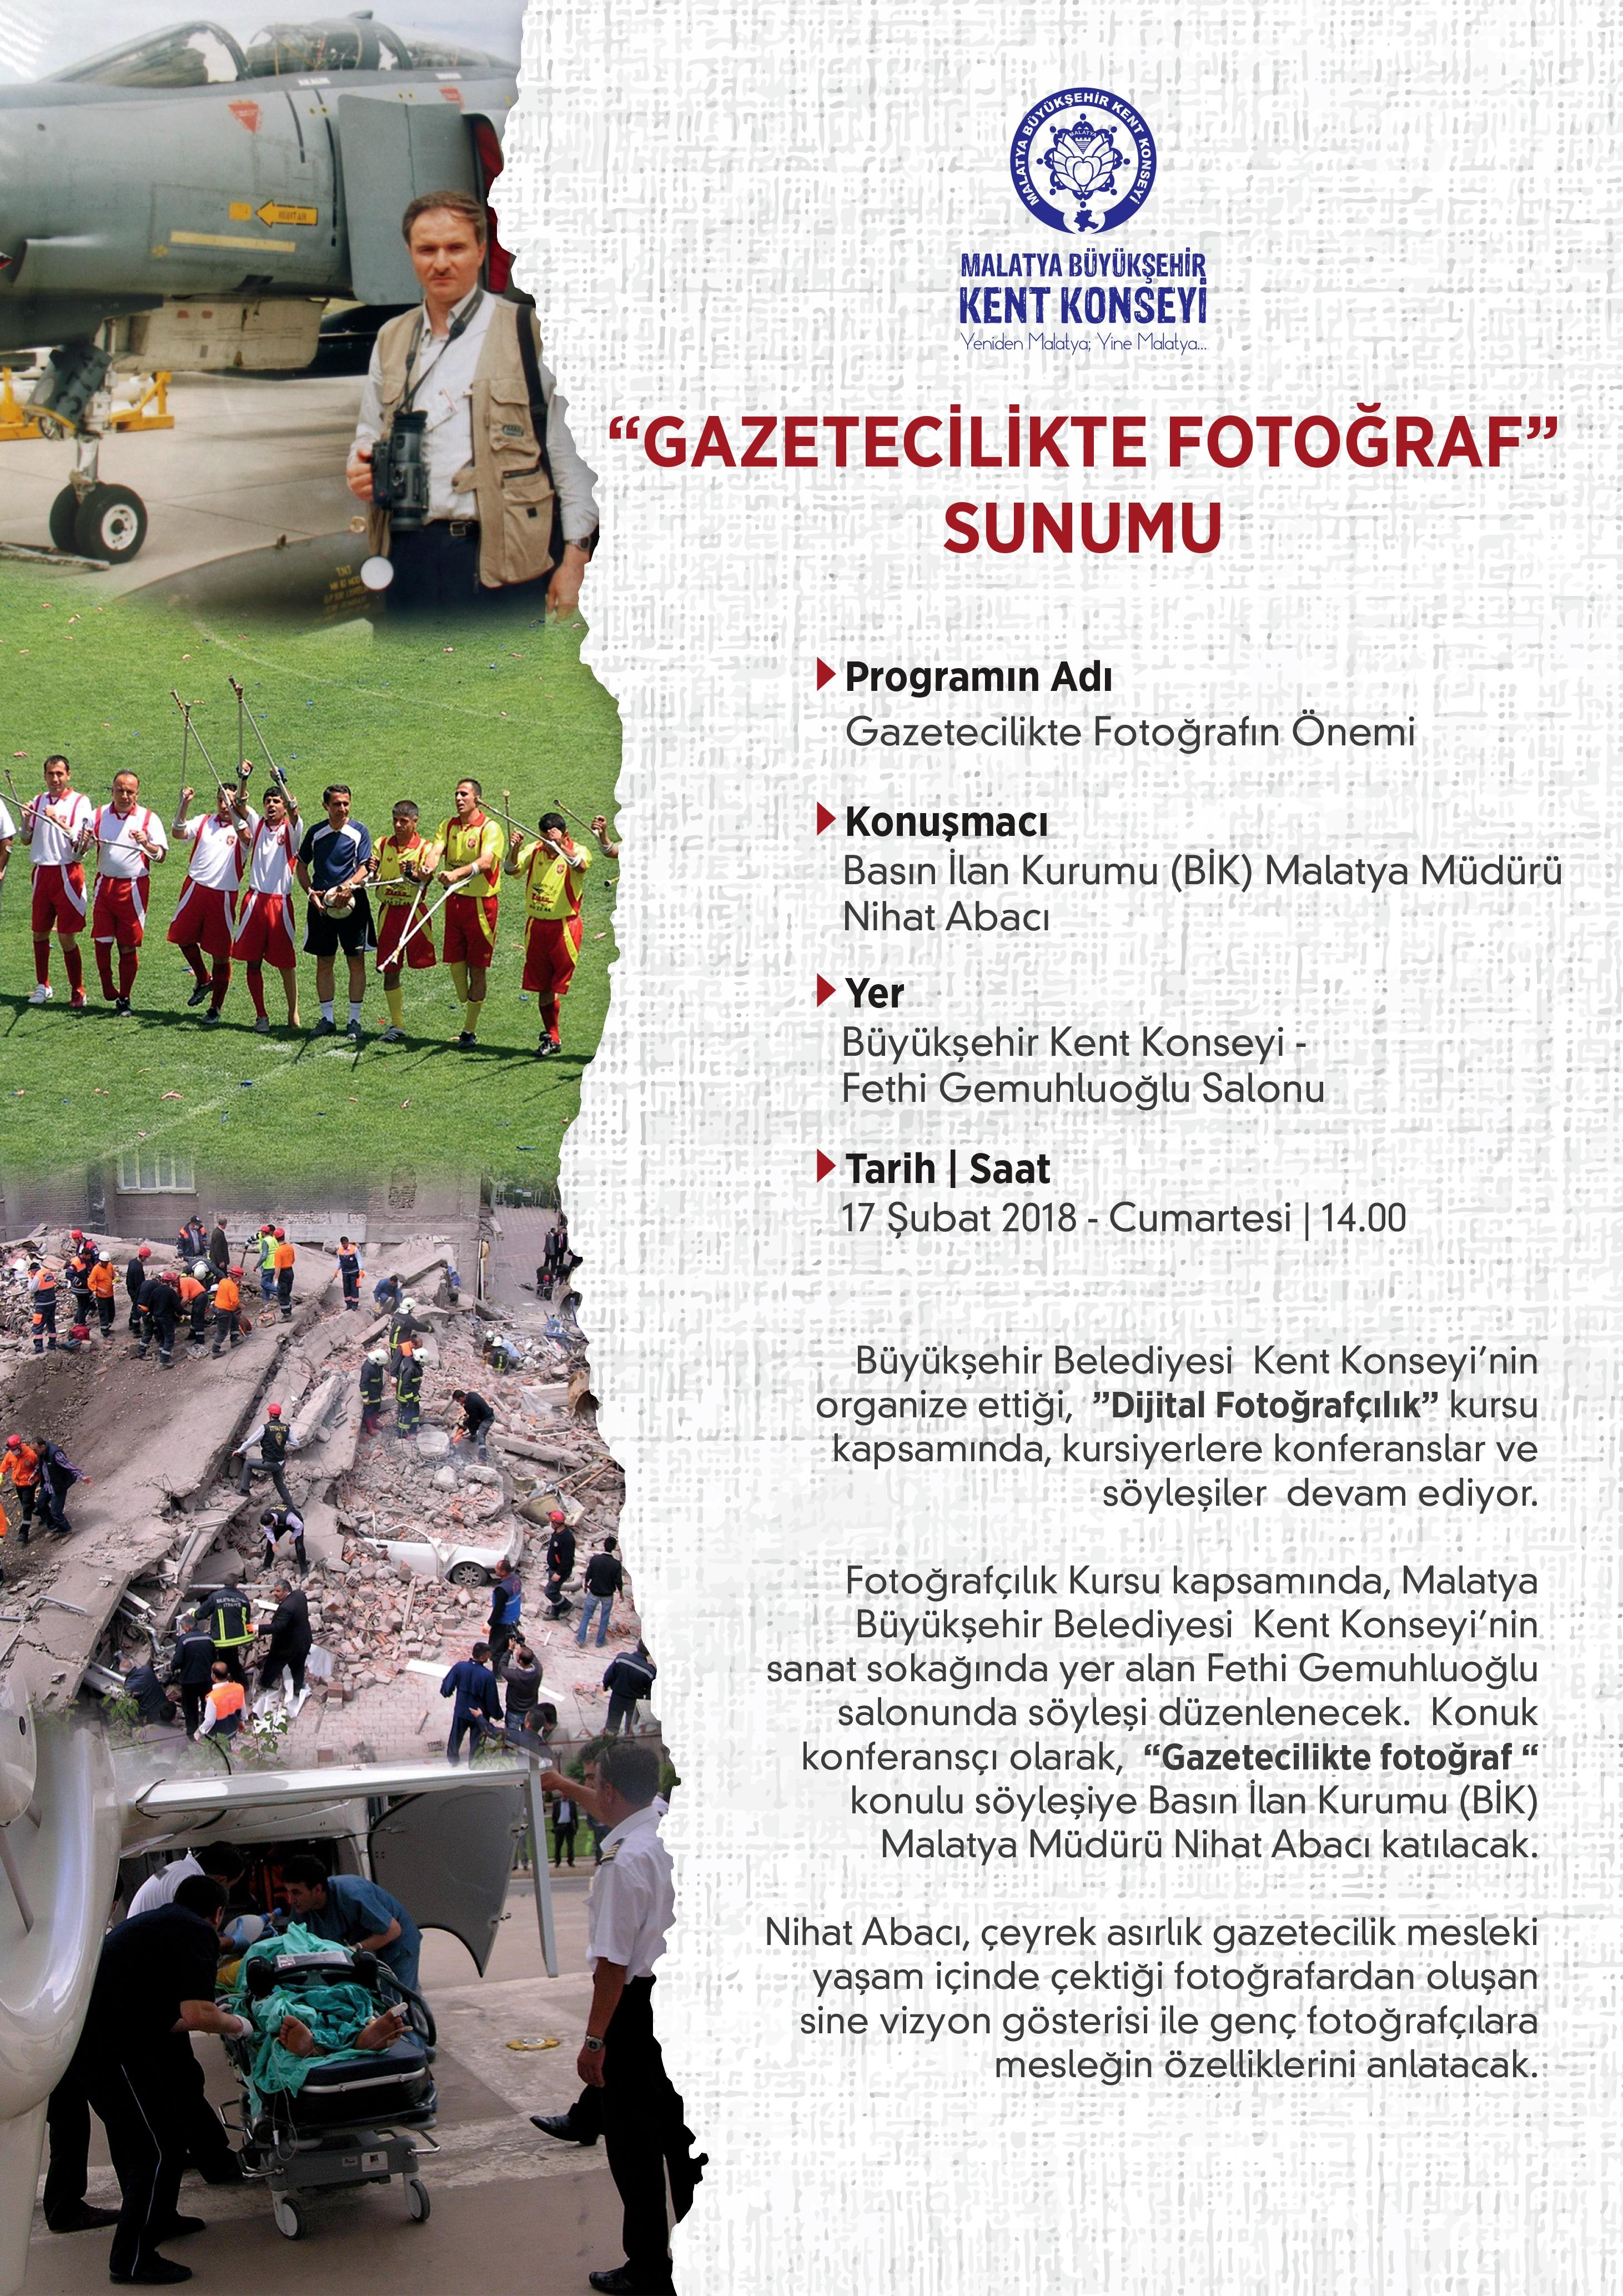 """""""GAZETECİLİKTE FOTOĞRAF"""" KONULU SUNUM VE SÖYLEŞİ YAPILACAK"""